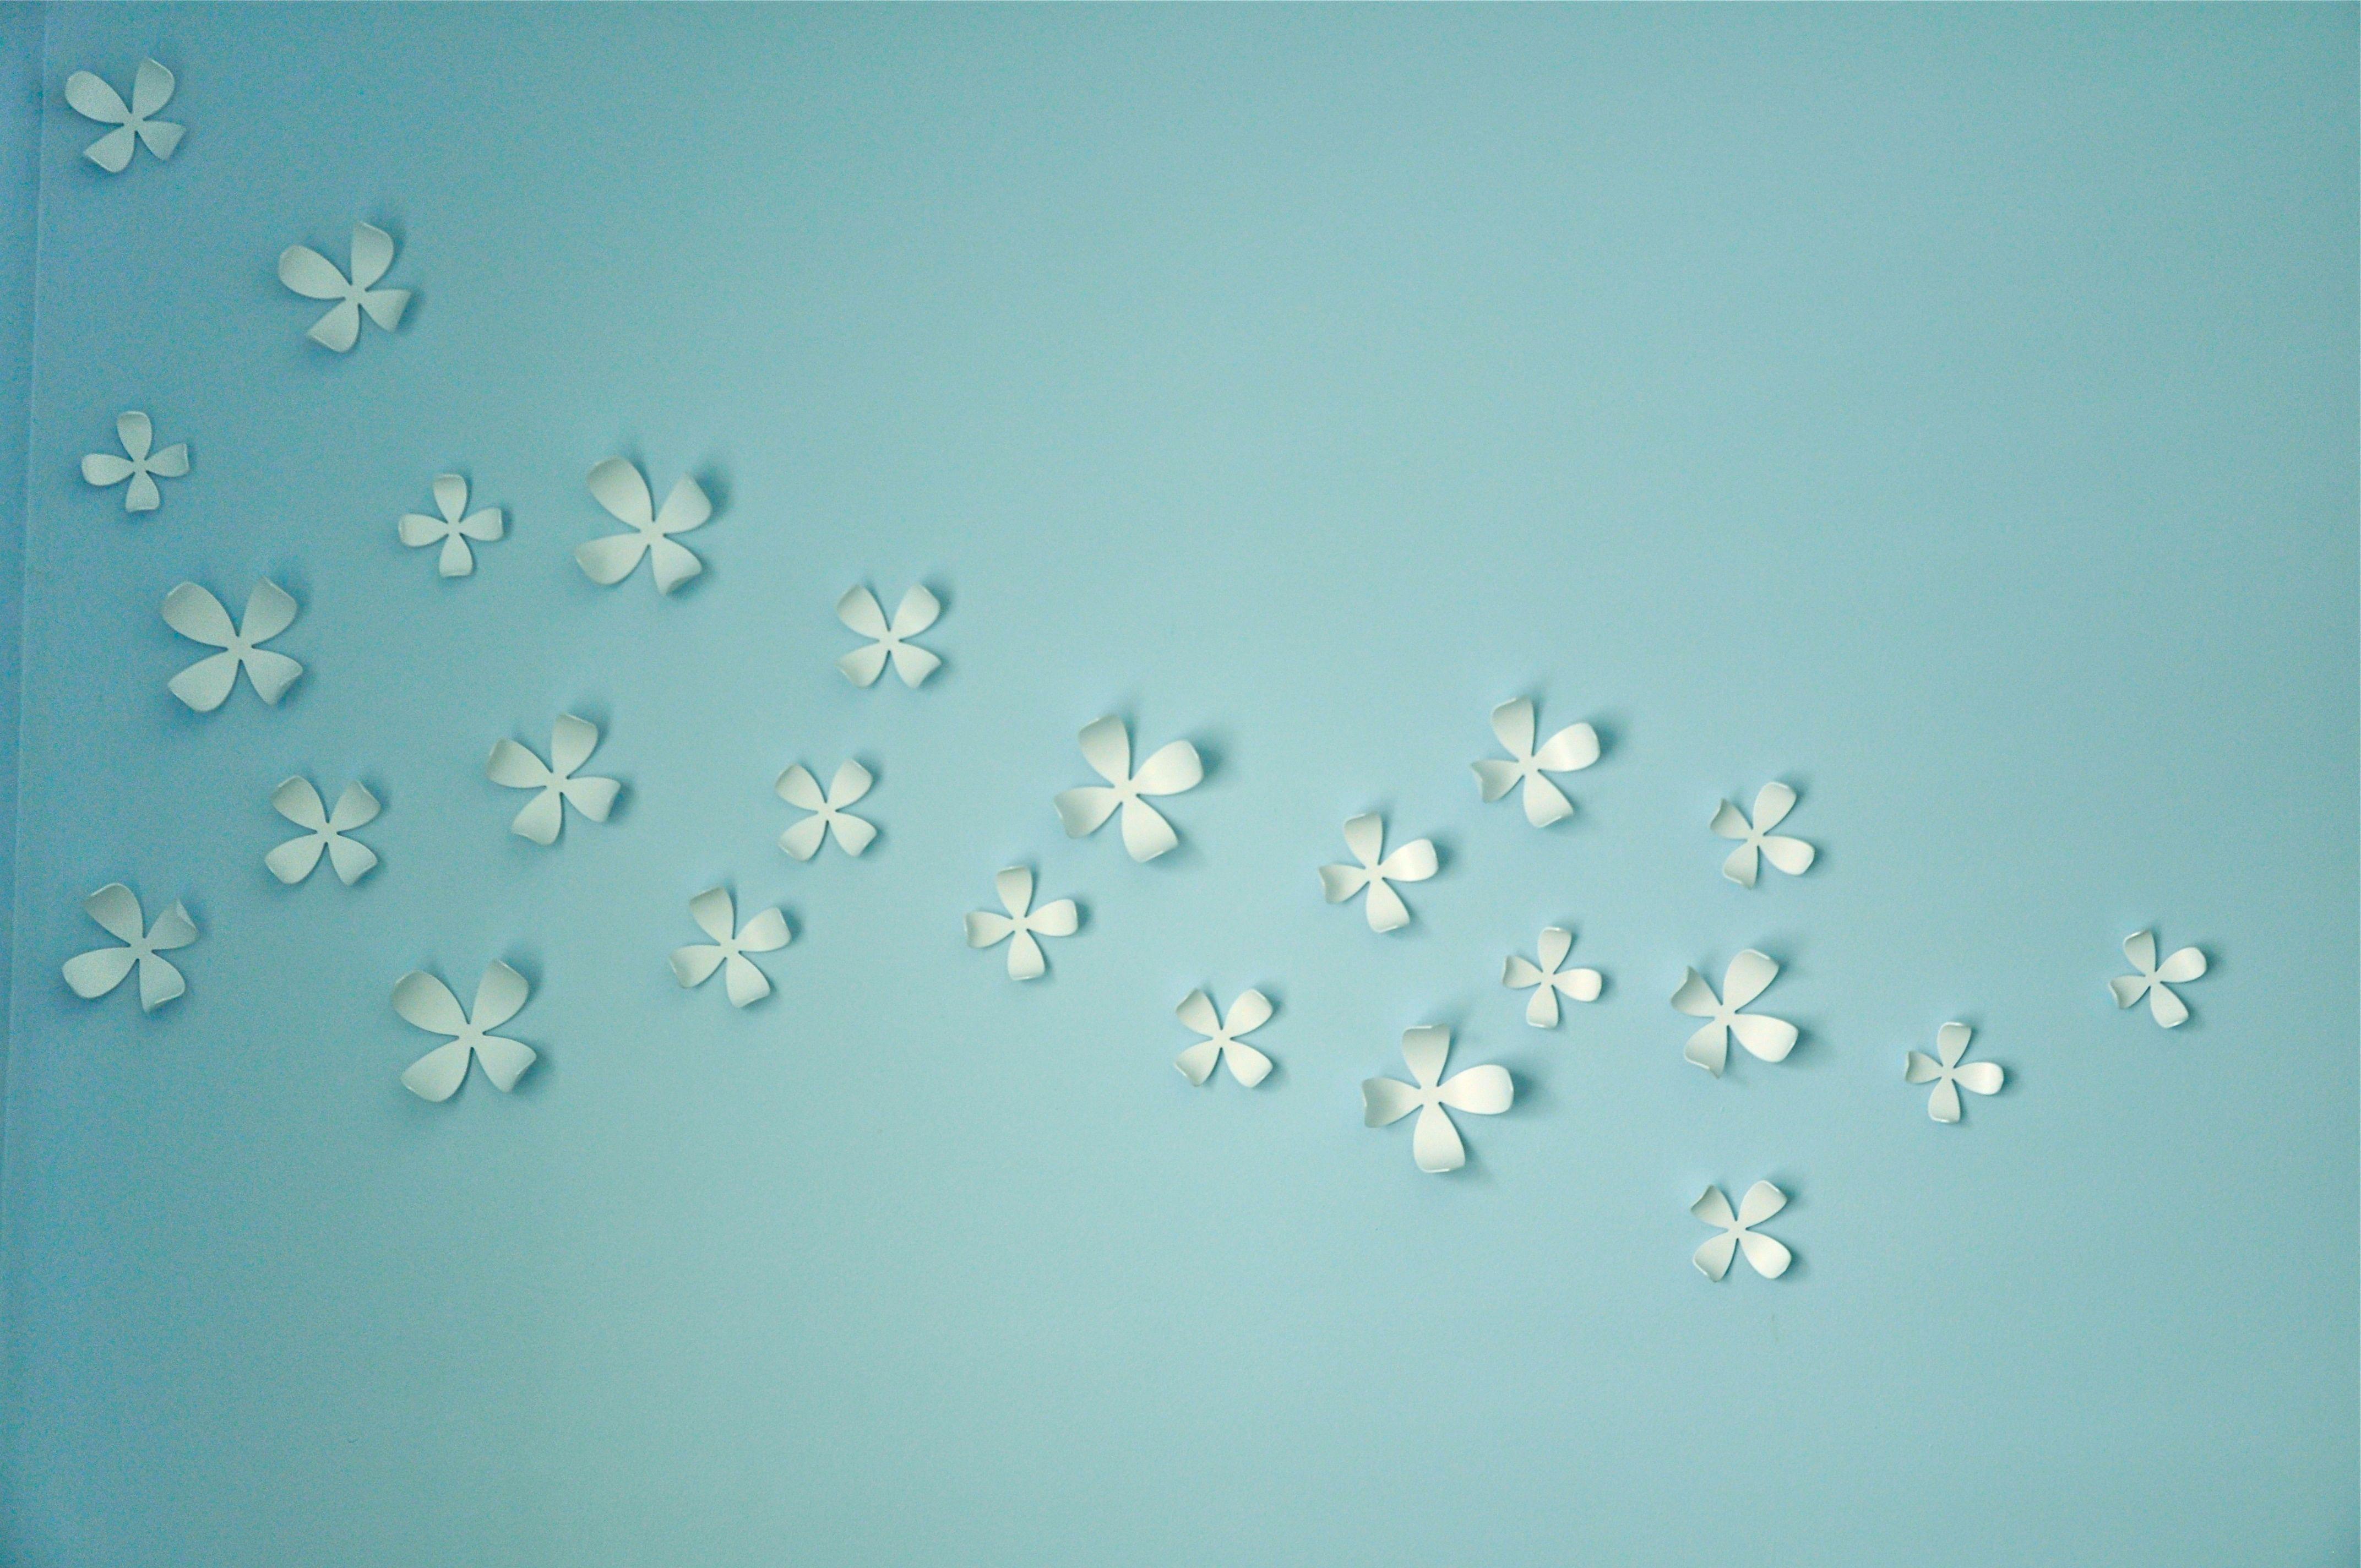 Umbra Wall Flower Decor